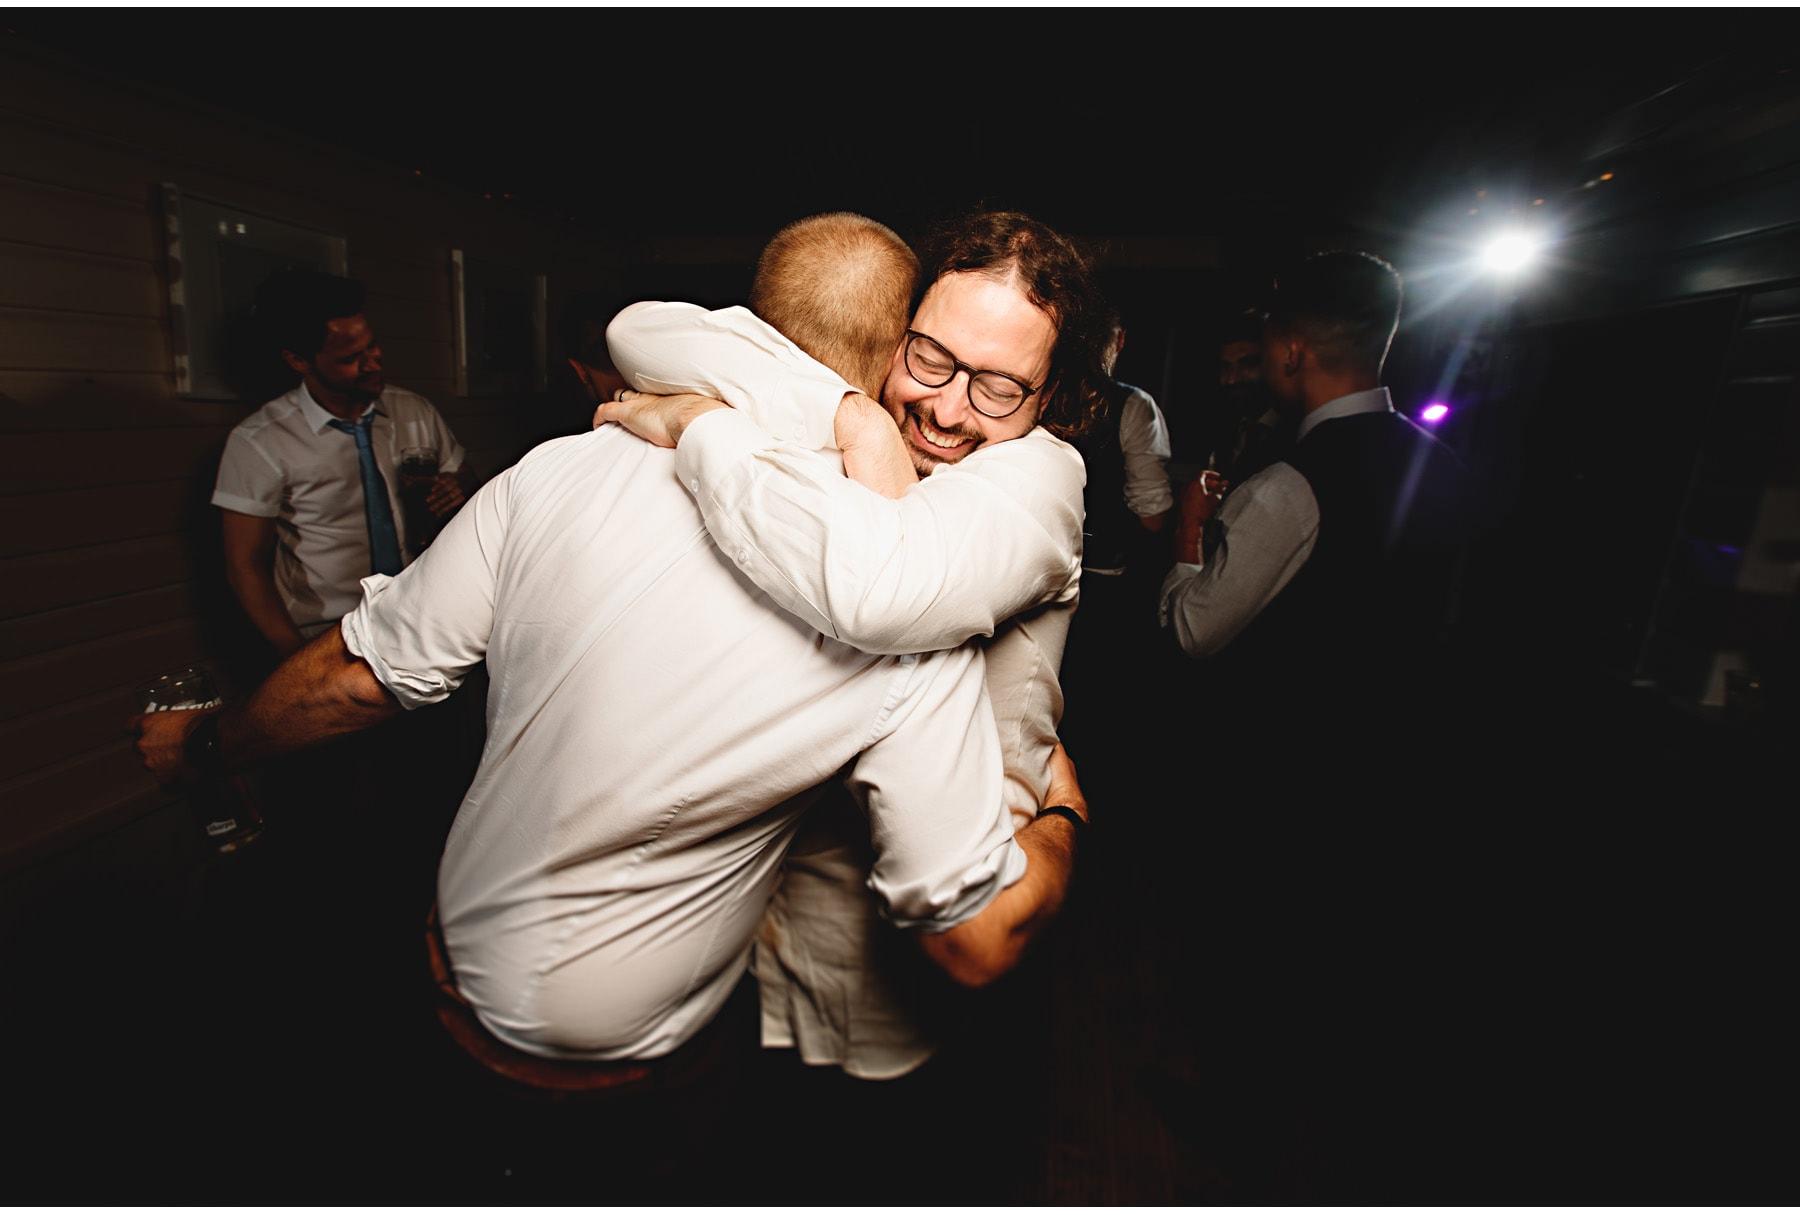 the groom hugging everyone